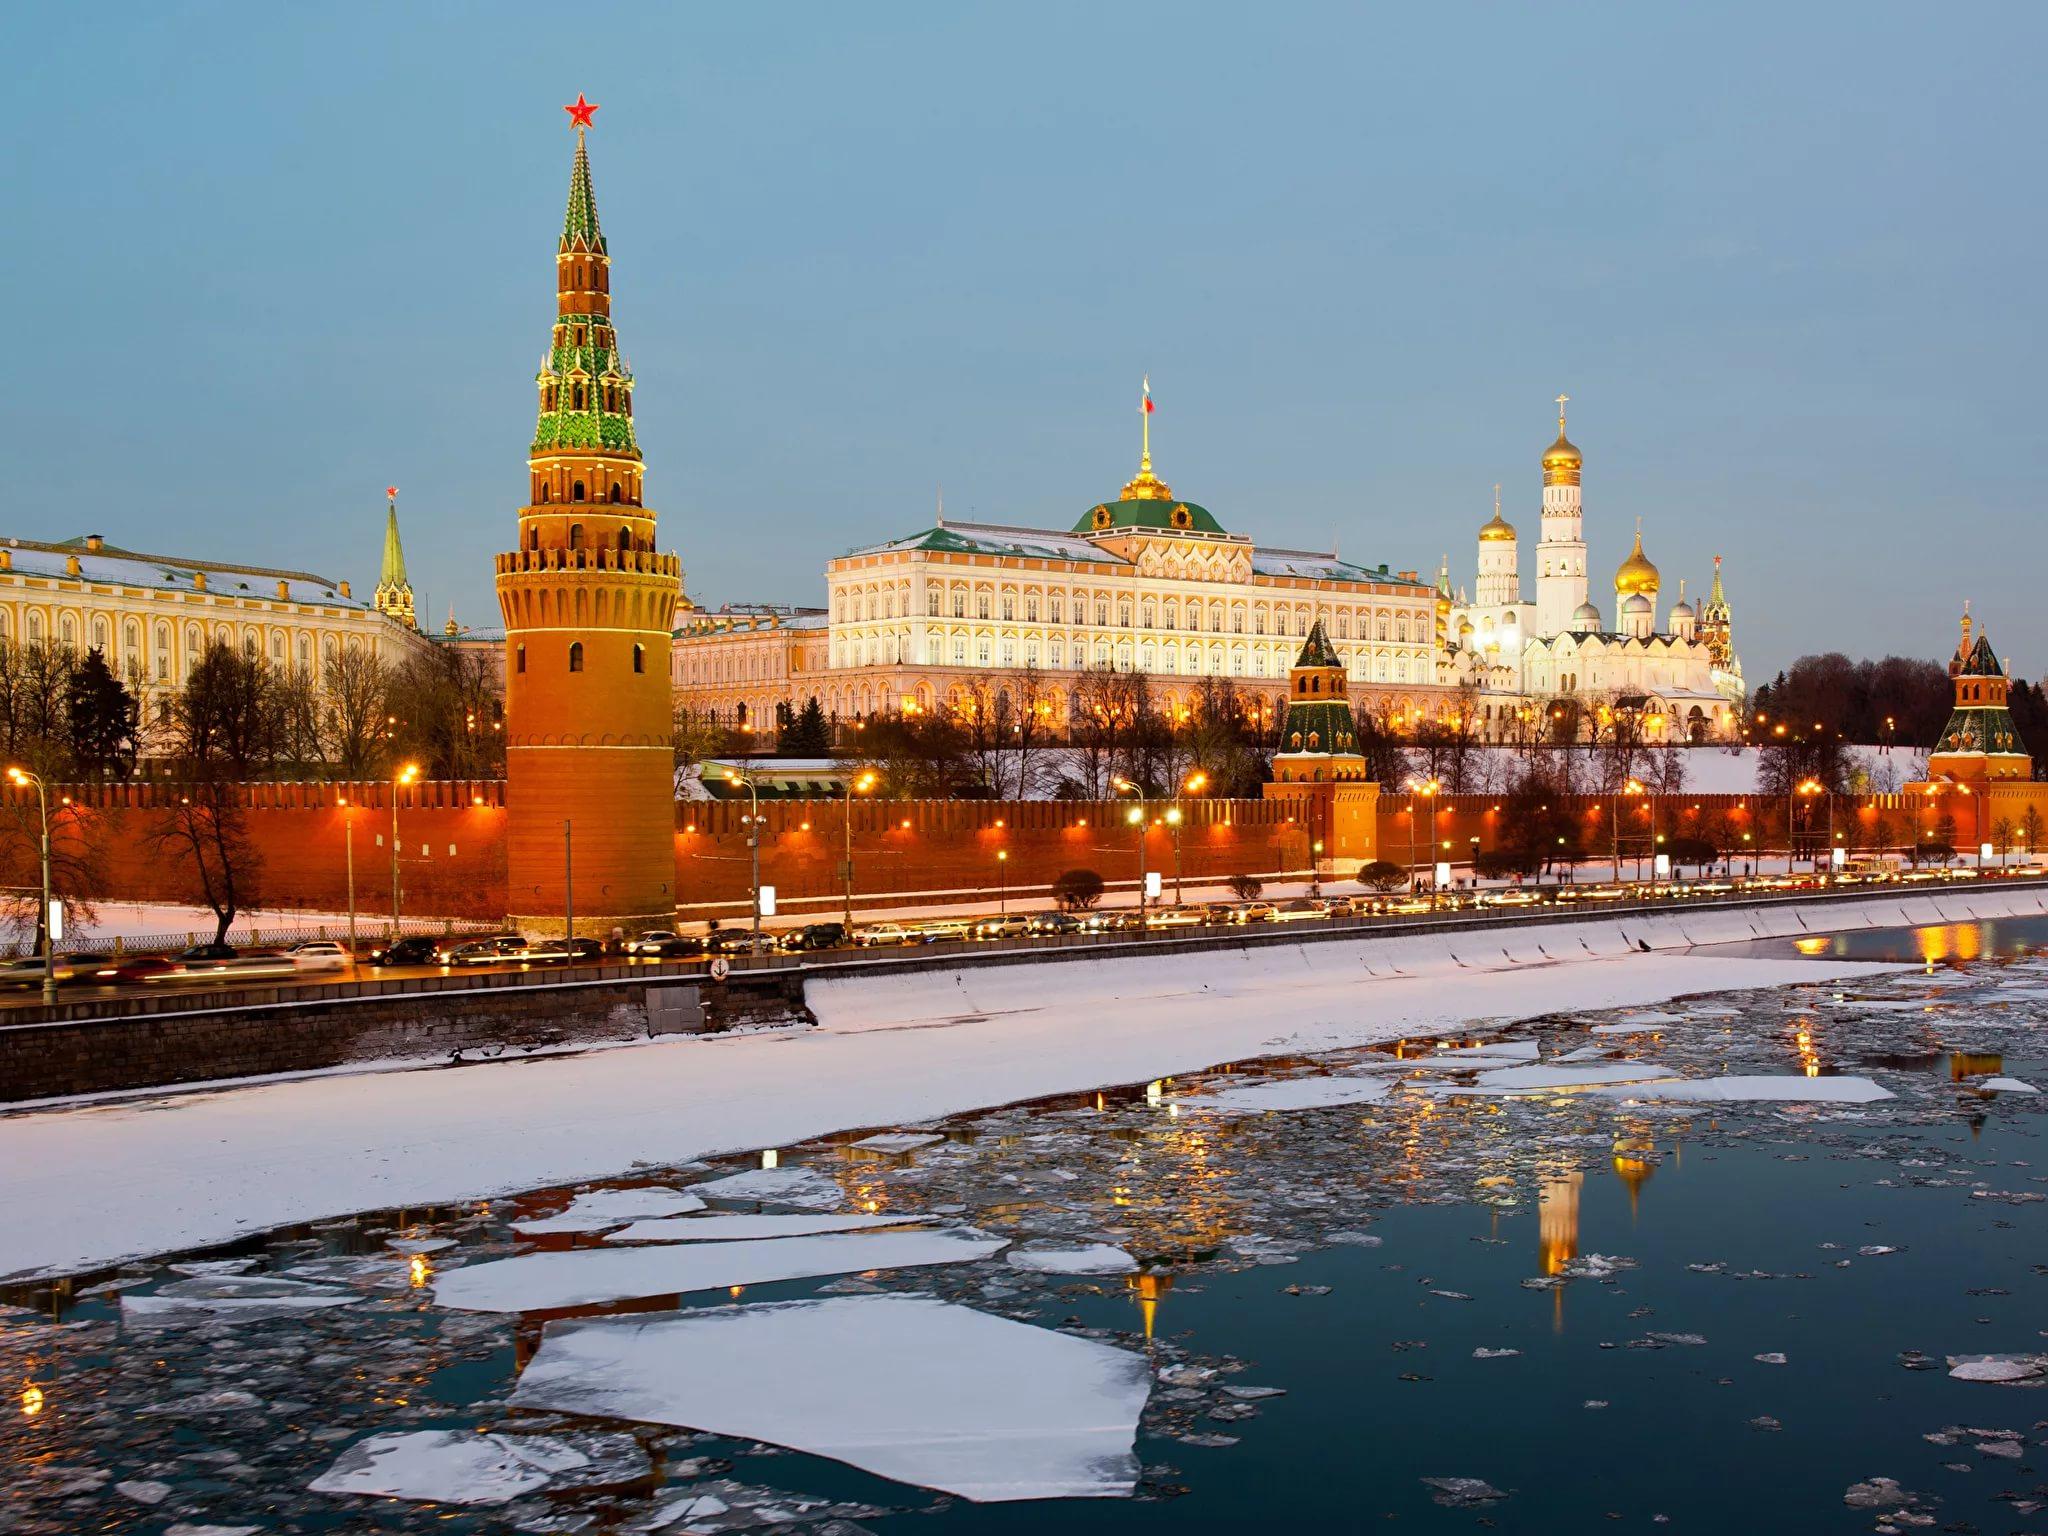 i6MH3ZX5R - O que tem de bom na russia